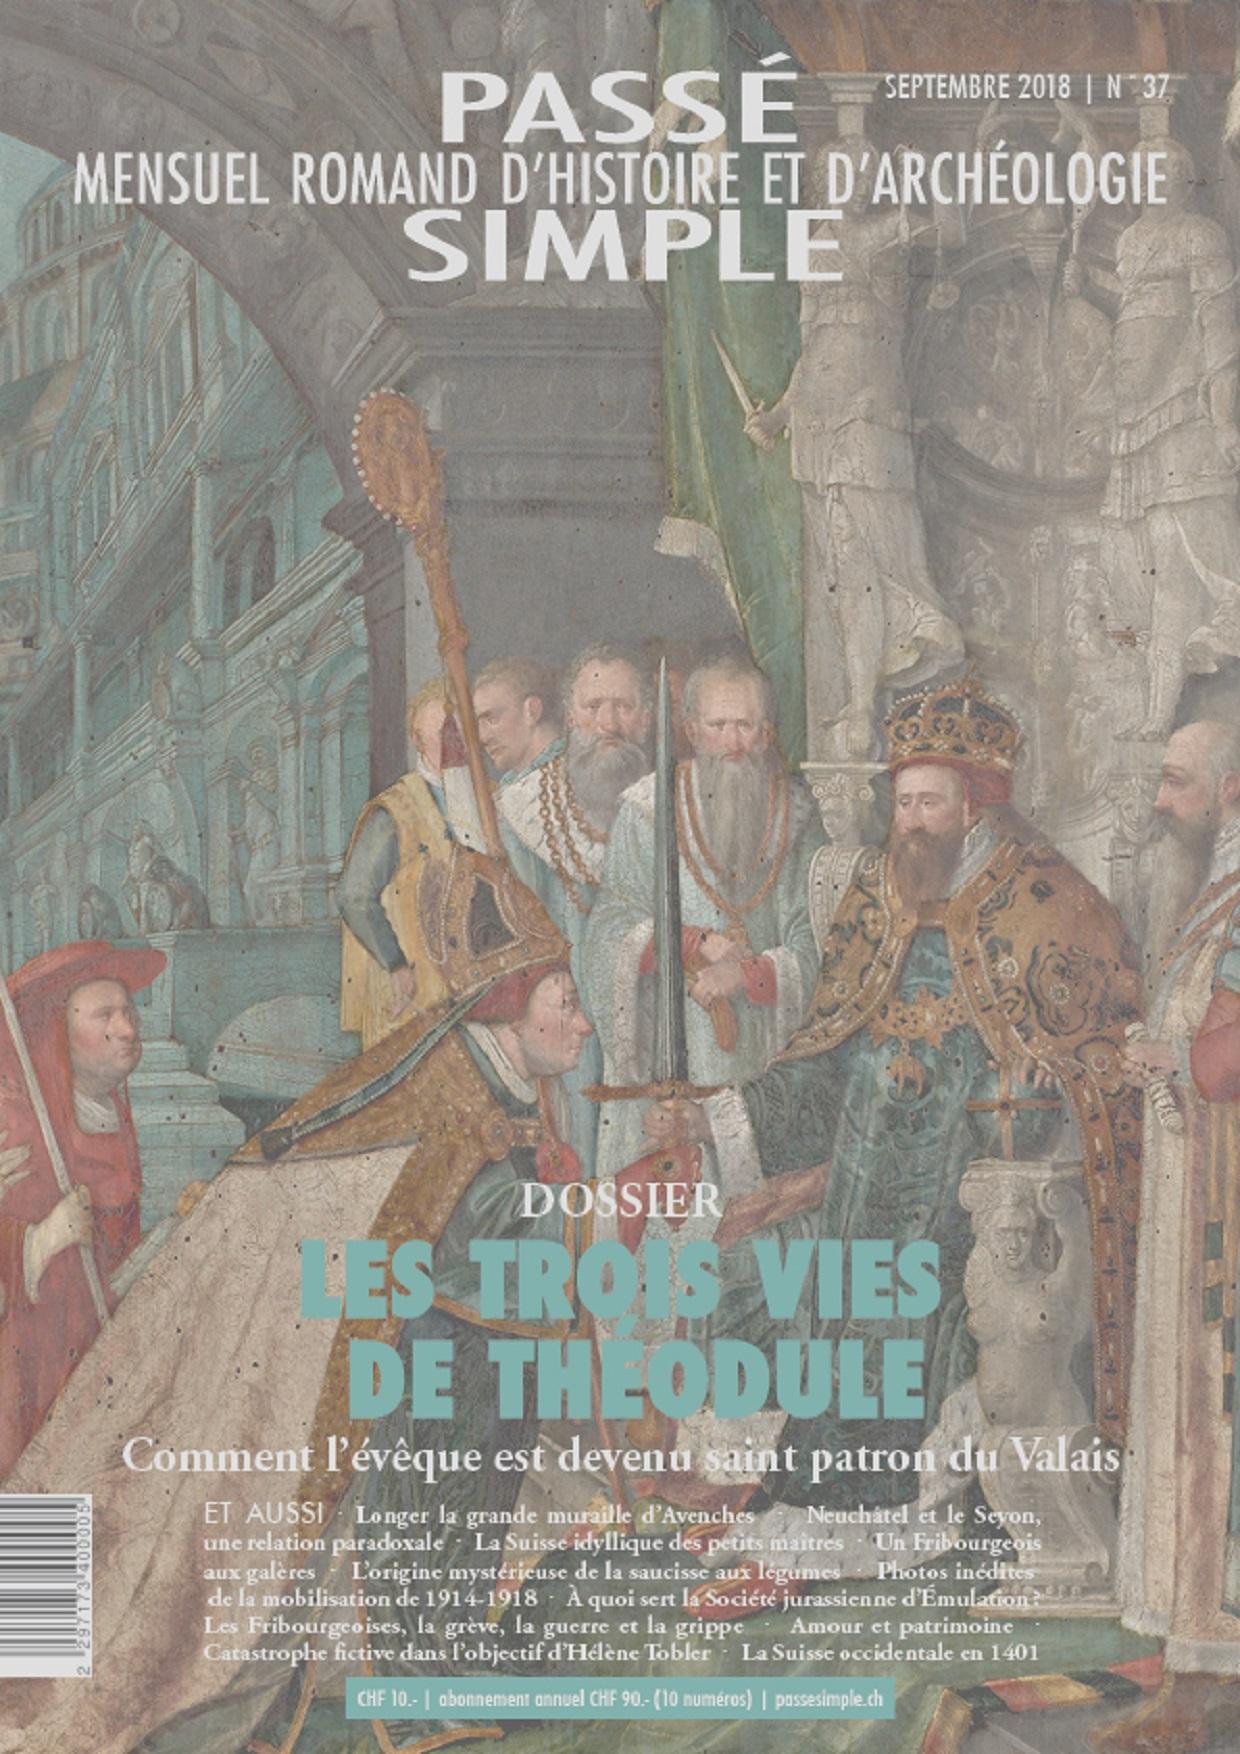 Passé simple : mensuel romand d'histoire et d'archéologie. N° 37, septembre 2018